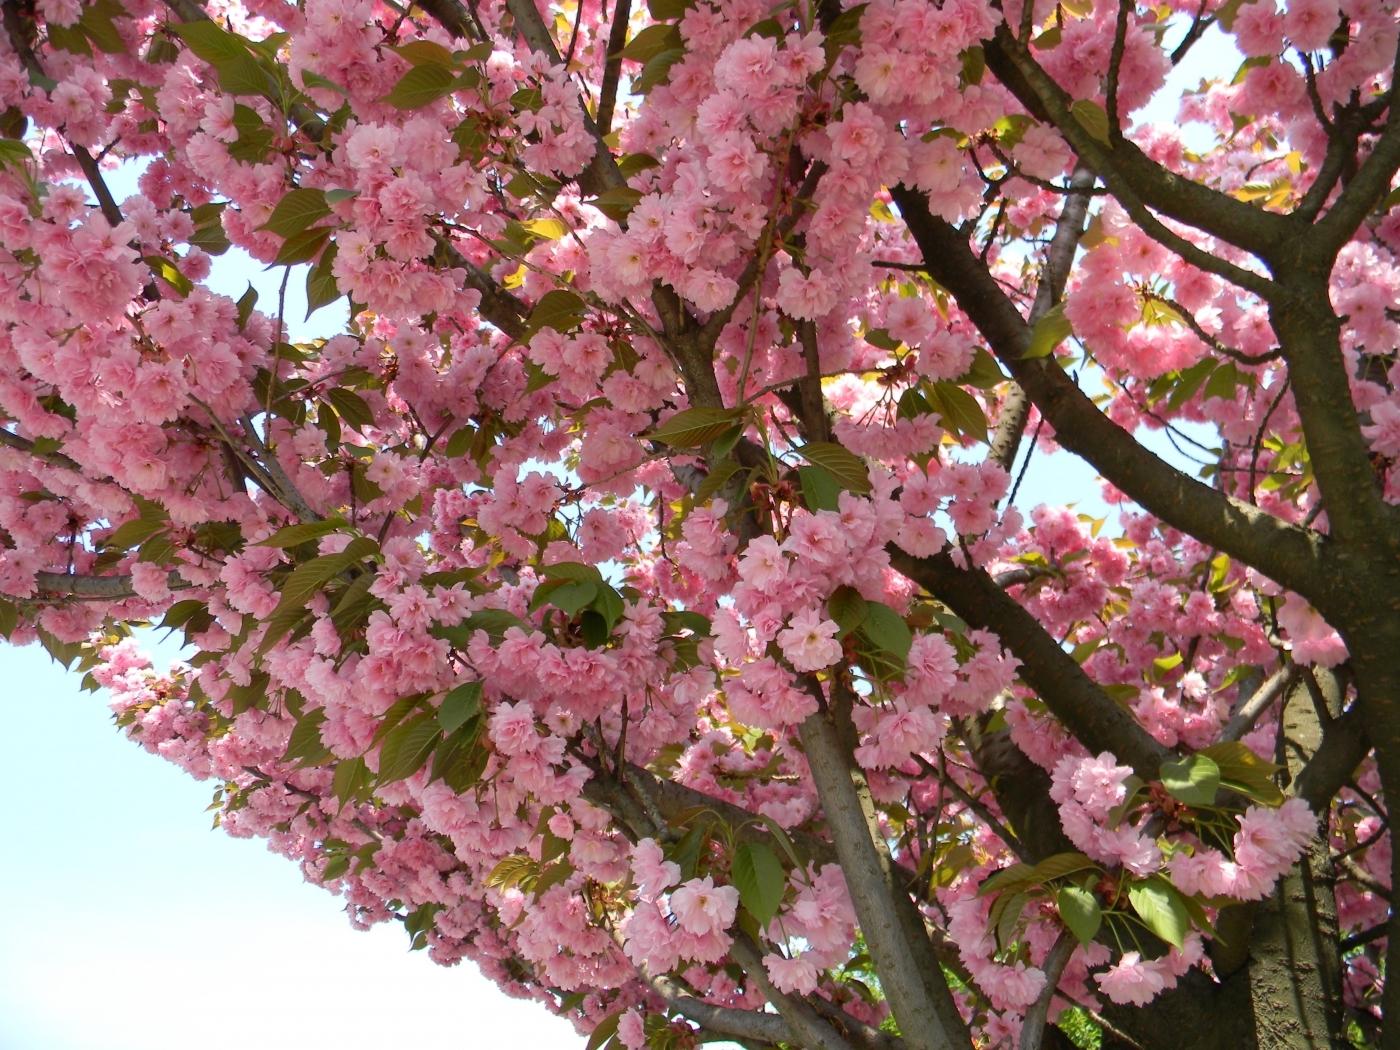 25987 скачать обои Растения, Цветы, Деревья, Сакура - заставки и картинки бесплатно